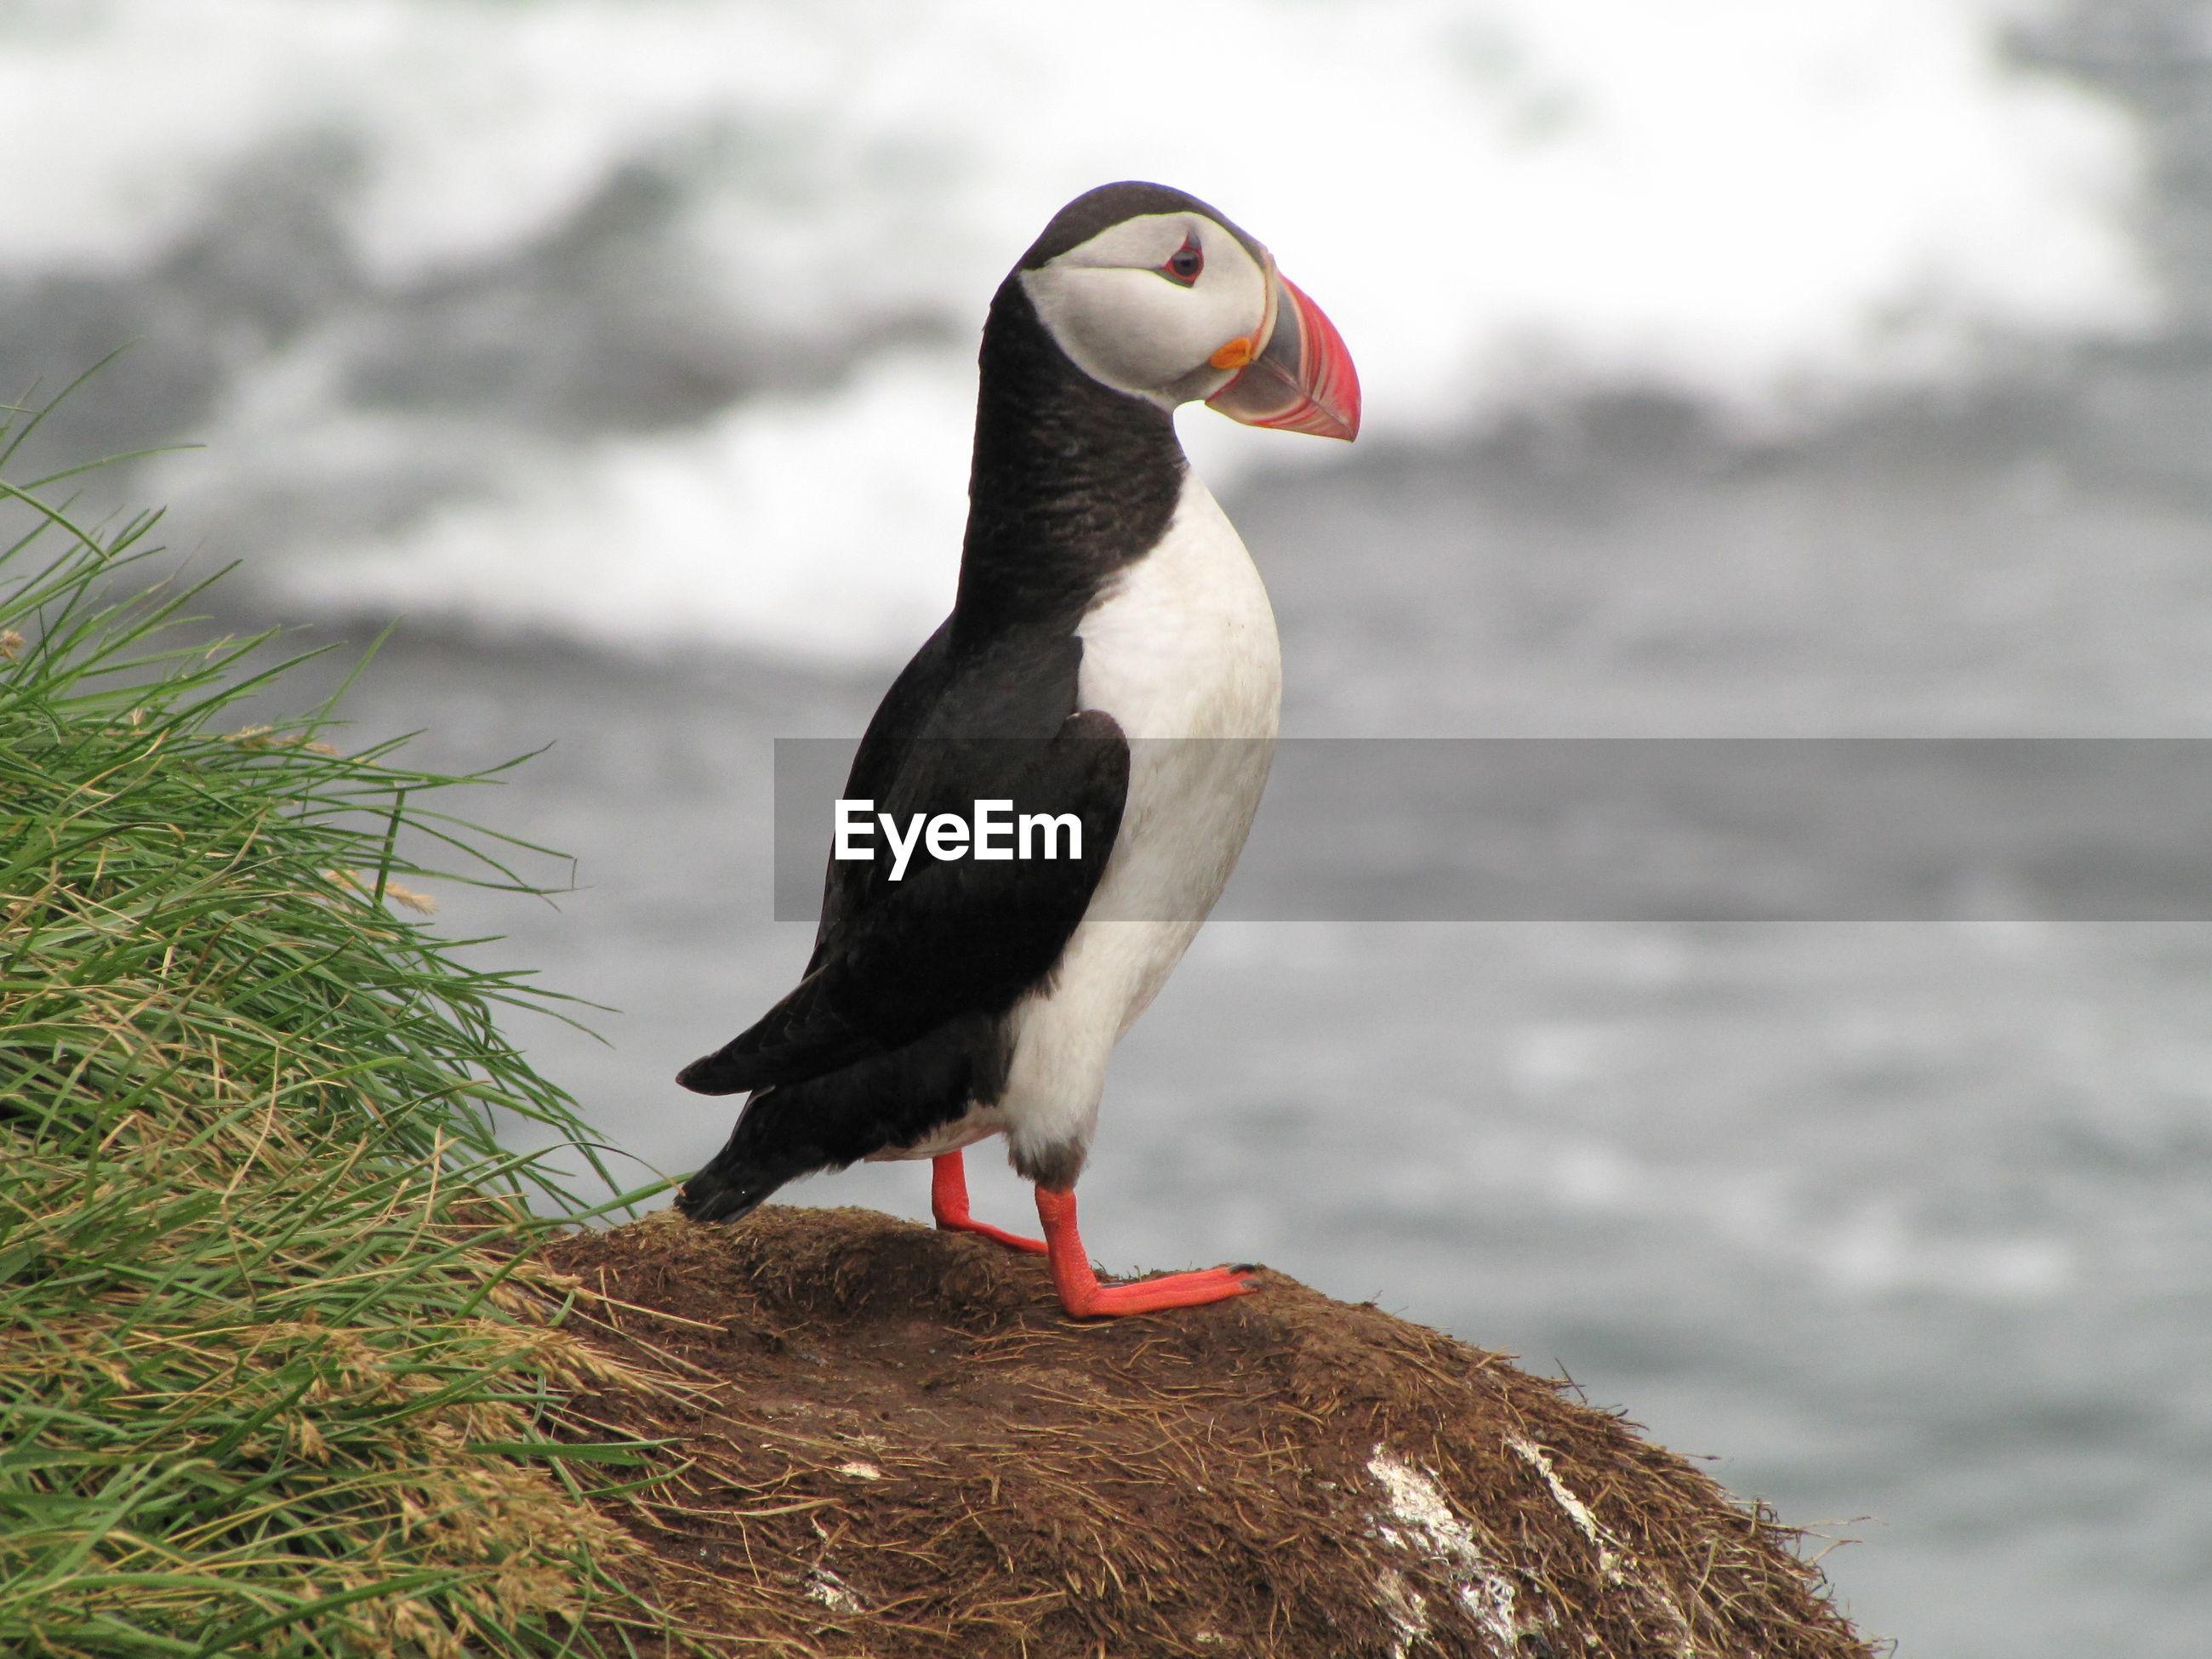 Puffin vogelkolonie